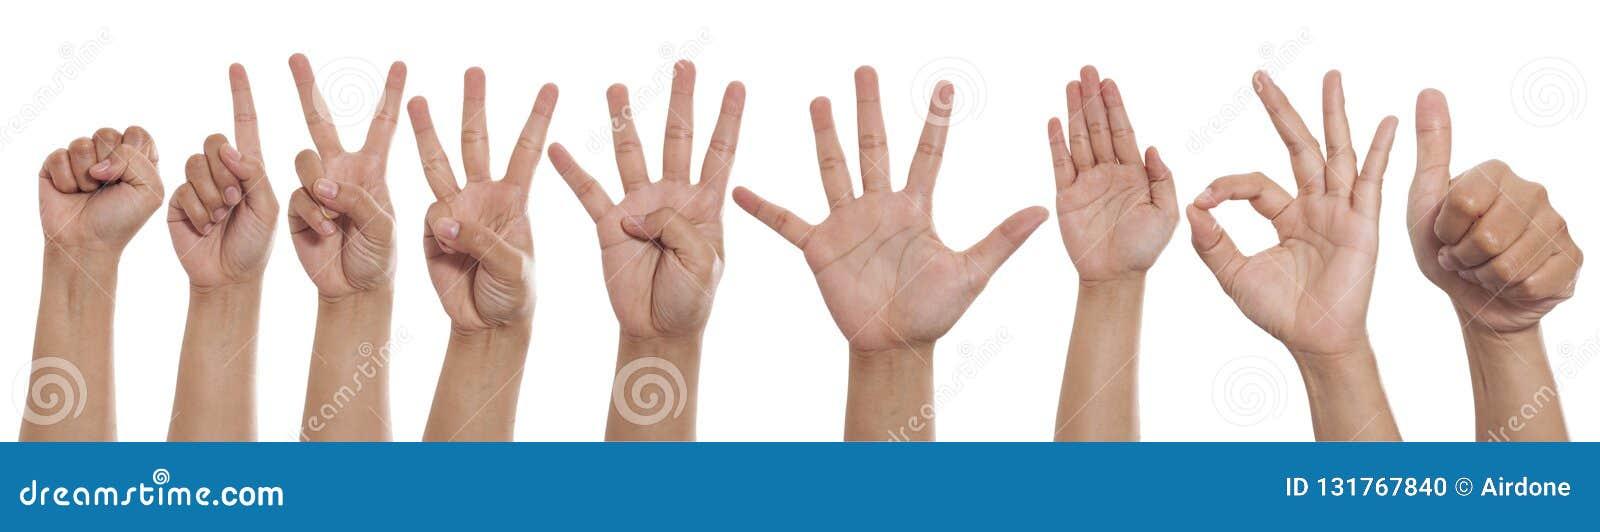 Collage des mains montrant différents gestes, ensemble de signes de doigt de main de nombre